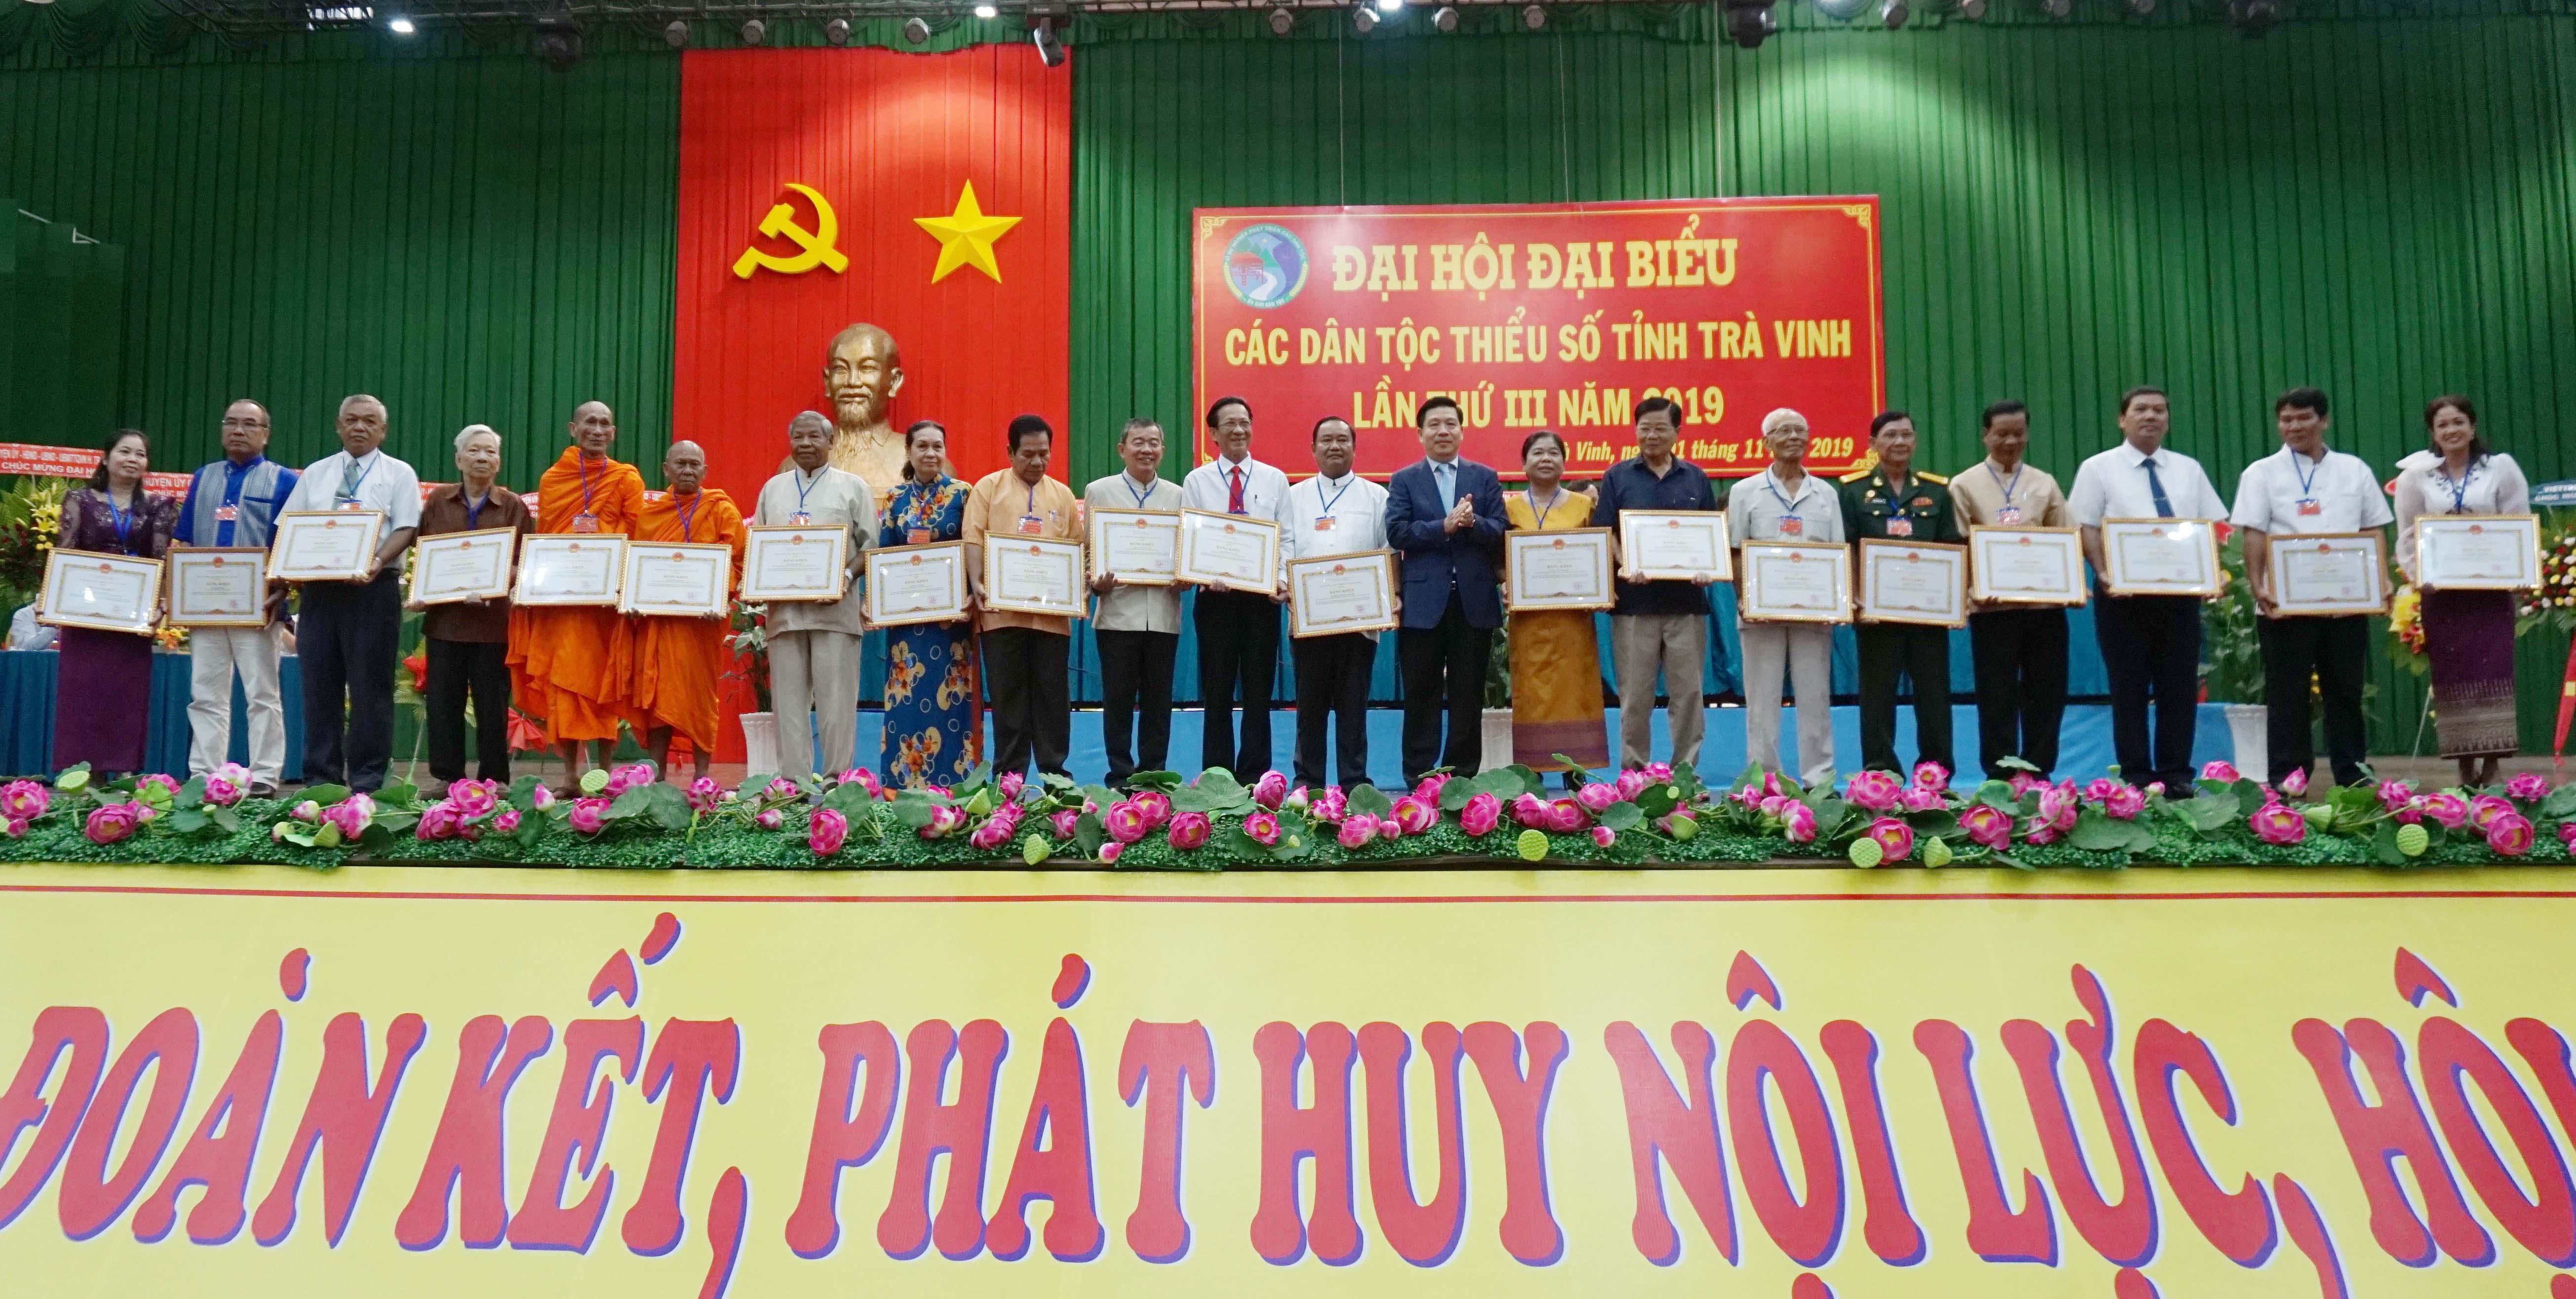 Thứ trưởng, Phó Chủ nhiệm UBDT Lê Sơn Hải trao Bằng khen của Bộ trưởng, Chủ nhiệm UBDT cho các tập thể và cá nhân.